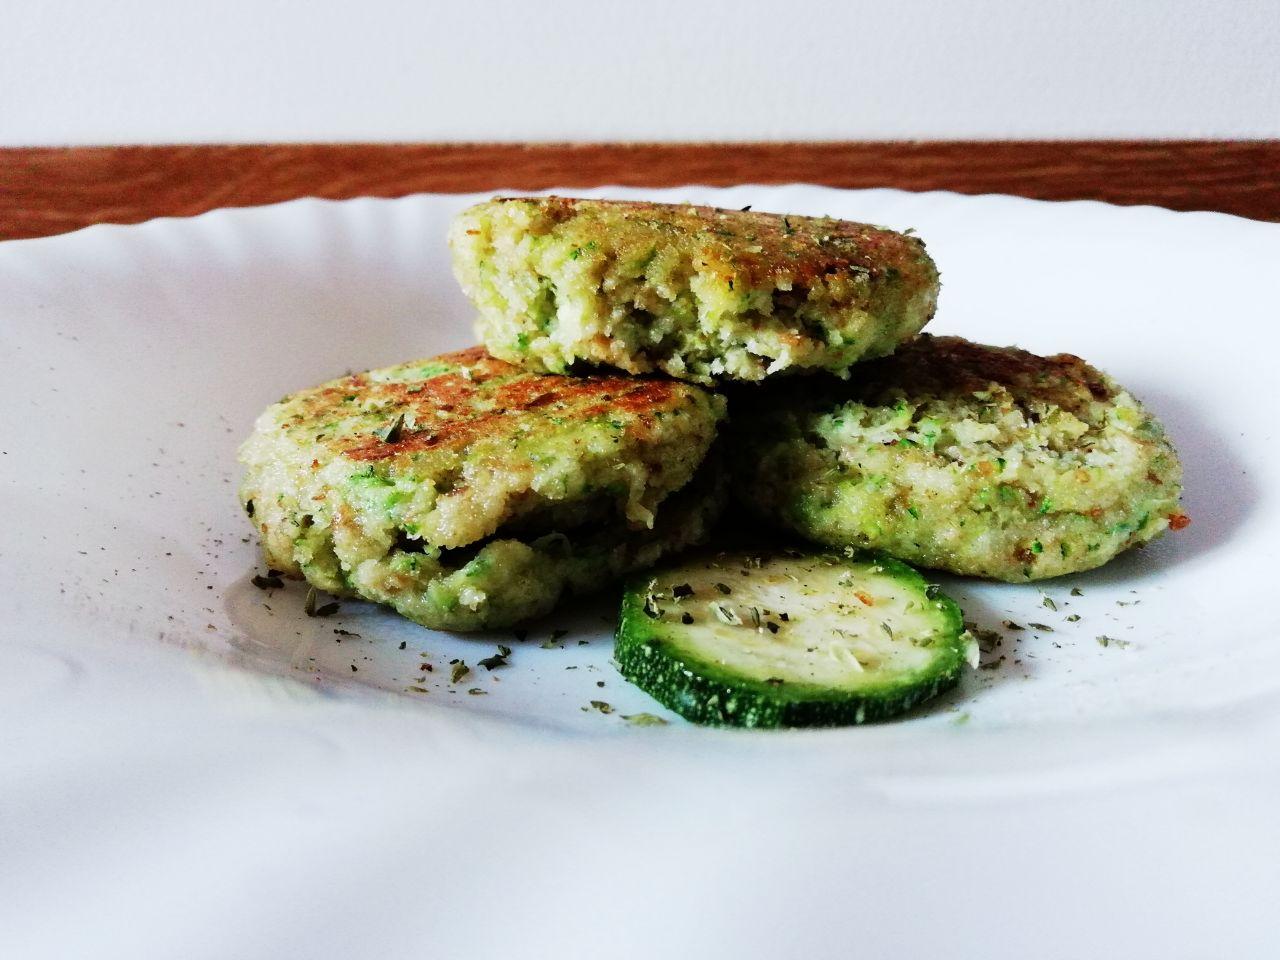 Antipasti veloci: mini burger di zucchine e albume, senza formaggio!